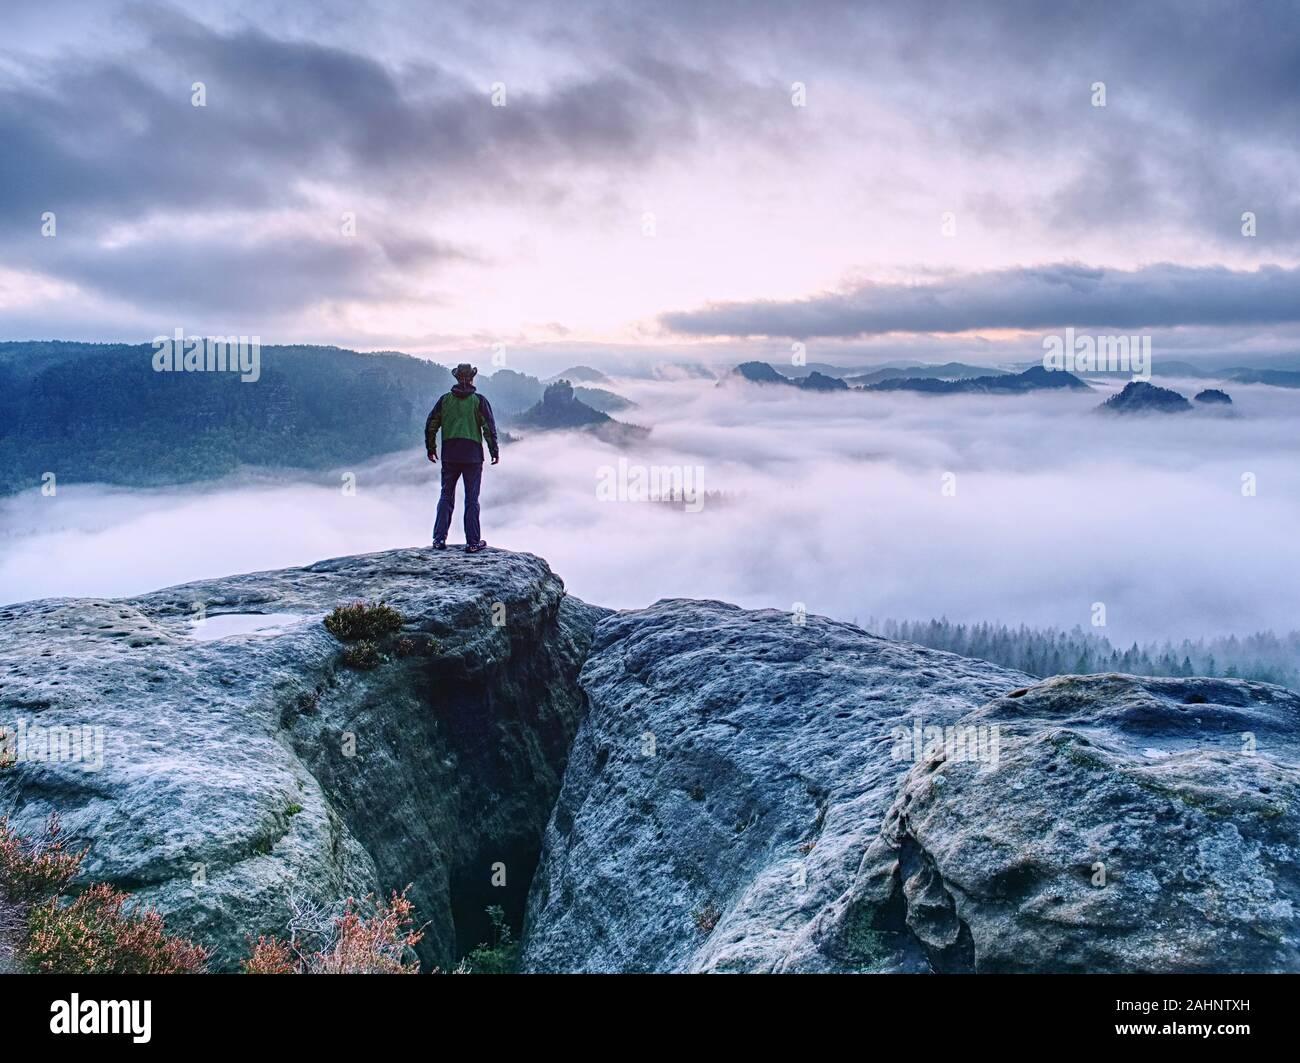 Les hommes sur la montagne de profiter vue aérienne avec bras levés au-dessus des nuages de Vie Voyage aventure concept Réussite Banque D'Images